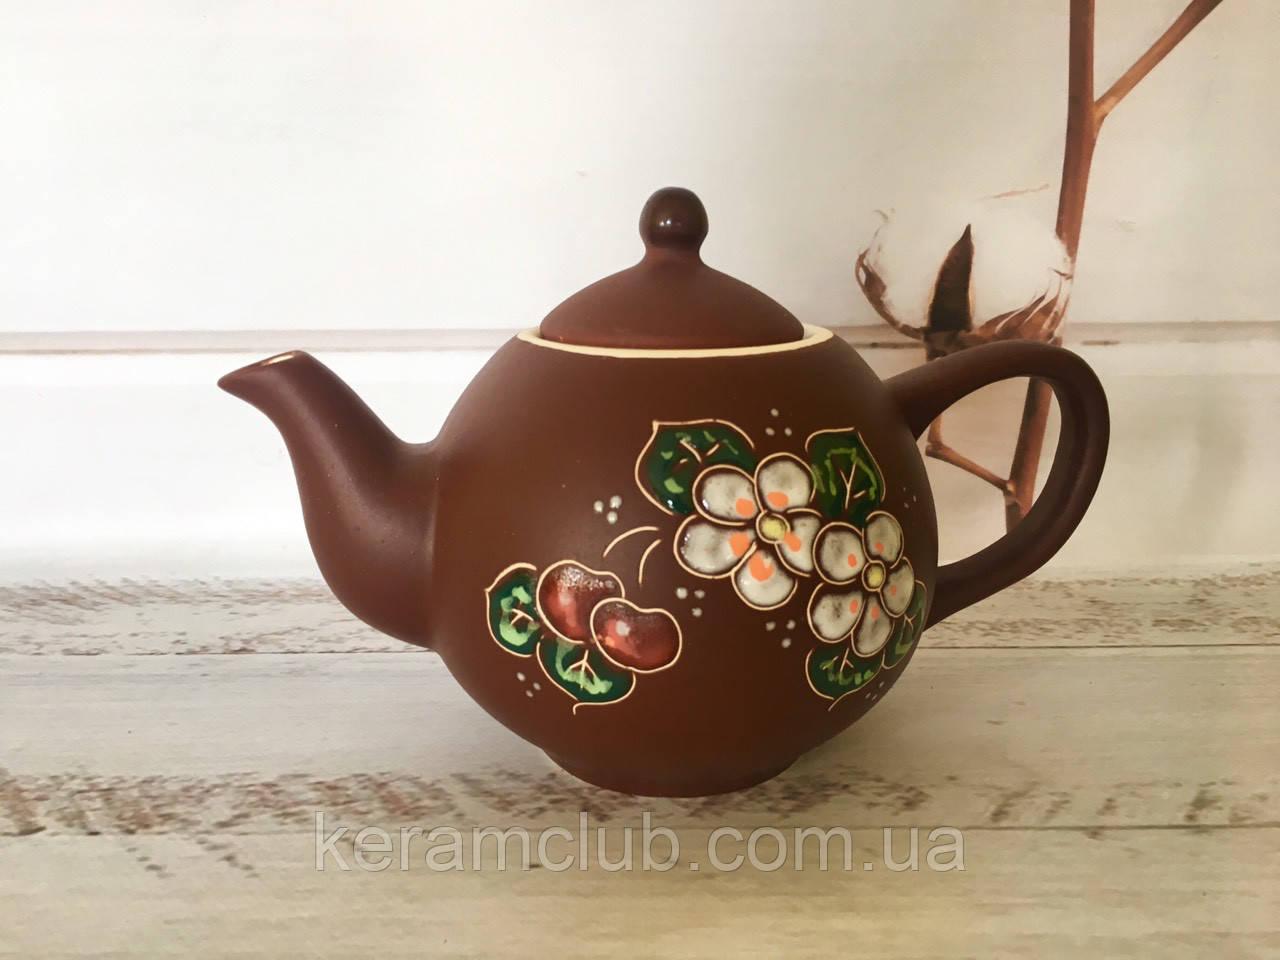 Керамический чайник Вишенка 1л